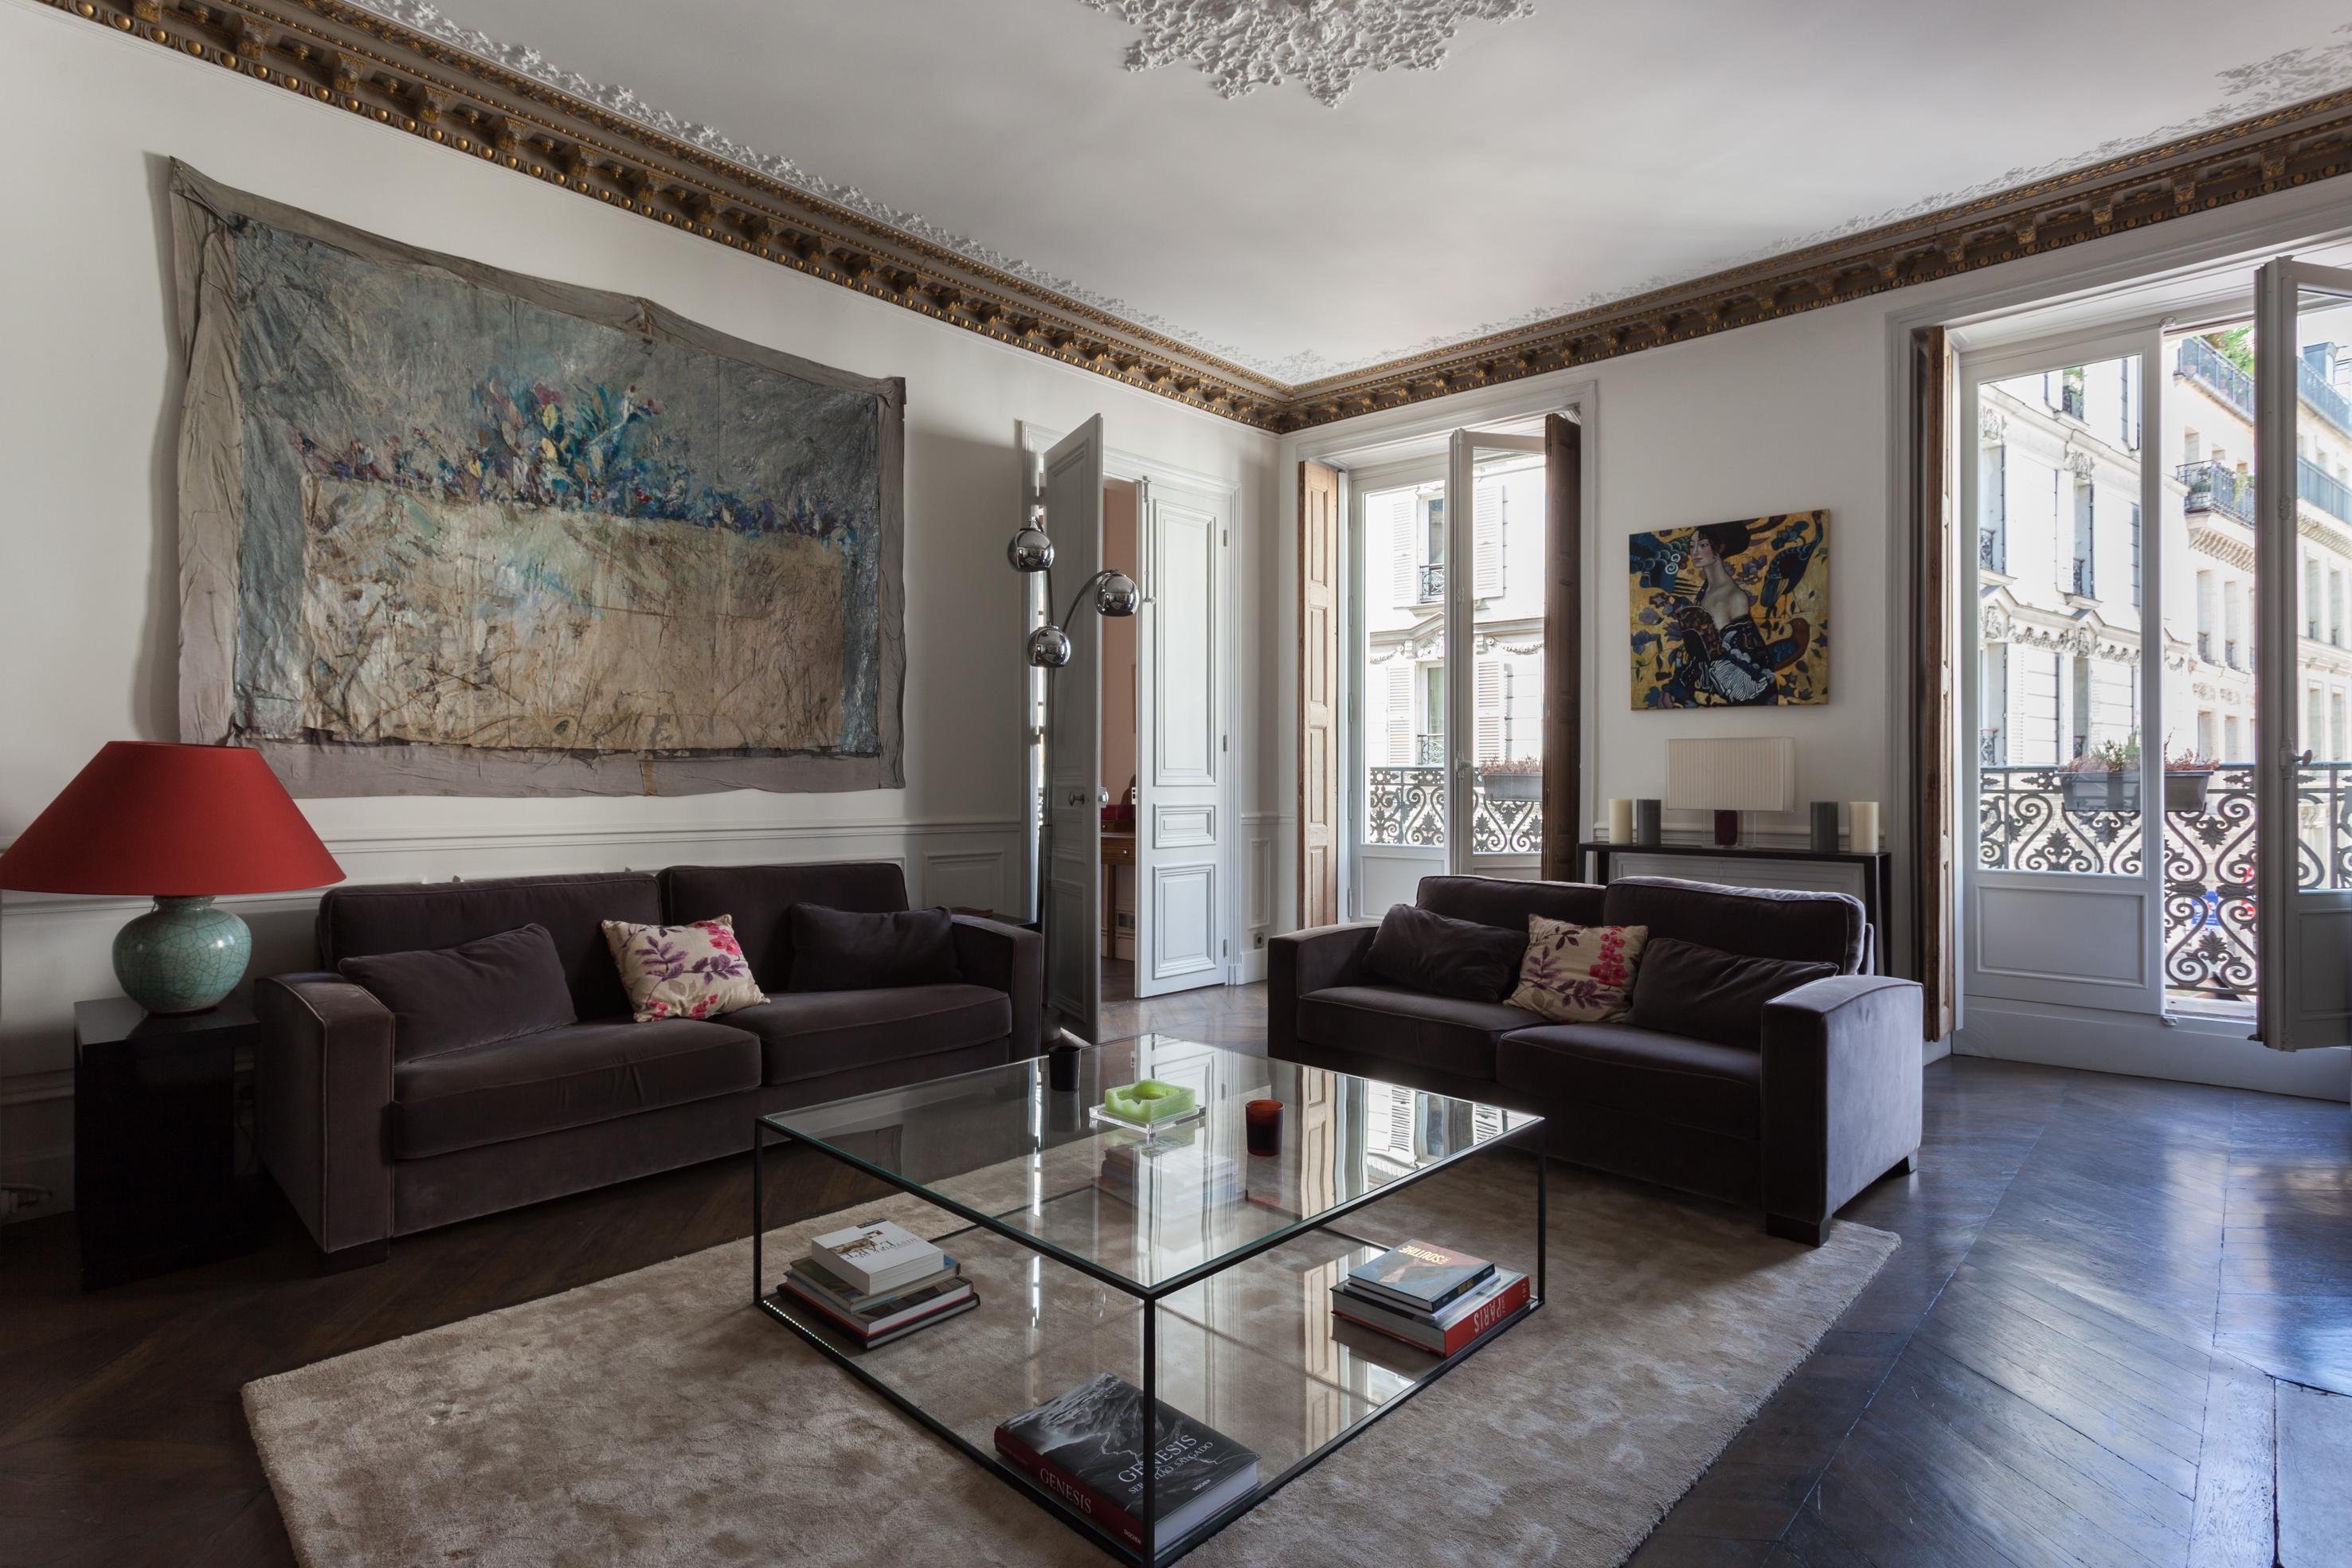 гостиная белые стены паркет лепнина молдинги мягкая мебель ковер журнальный столик